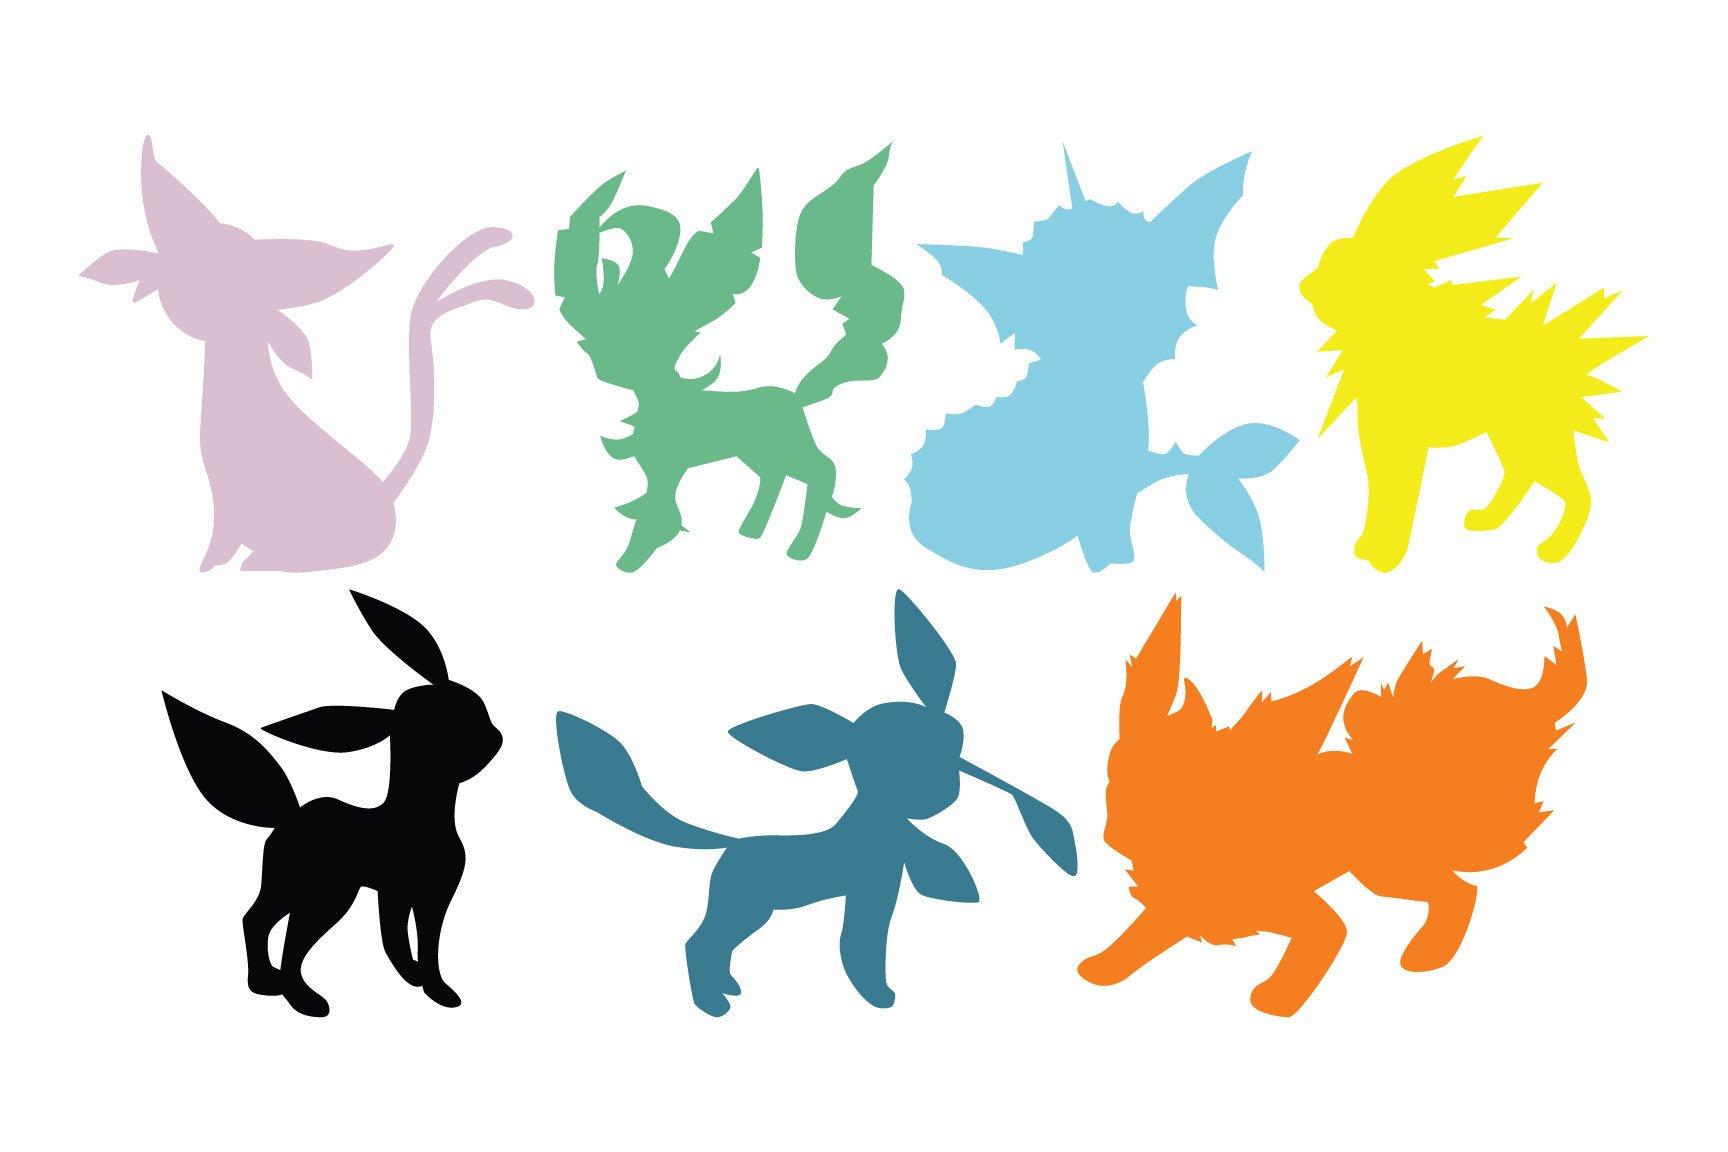 1728x1152 Pokemon Eevee Evolution Eeveelutions Vaporeon Flareon Jolteon